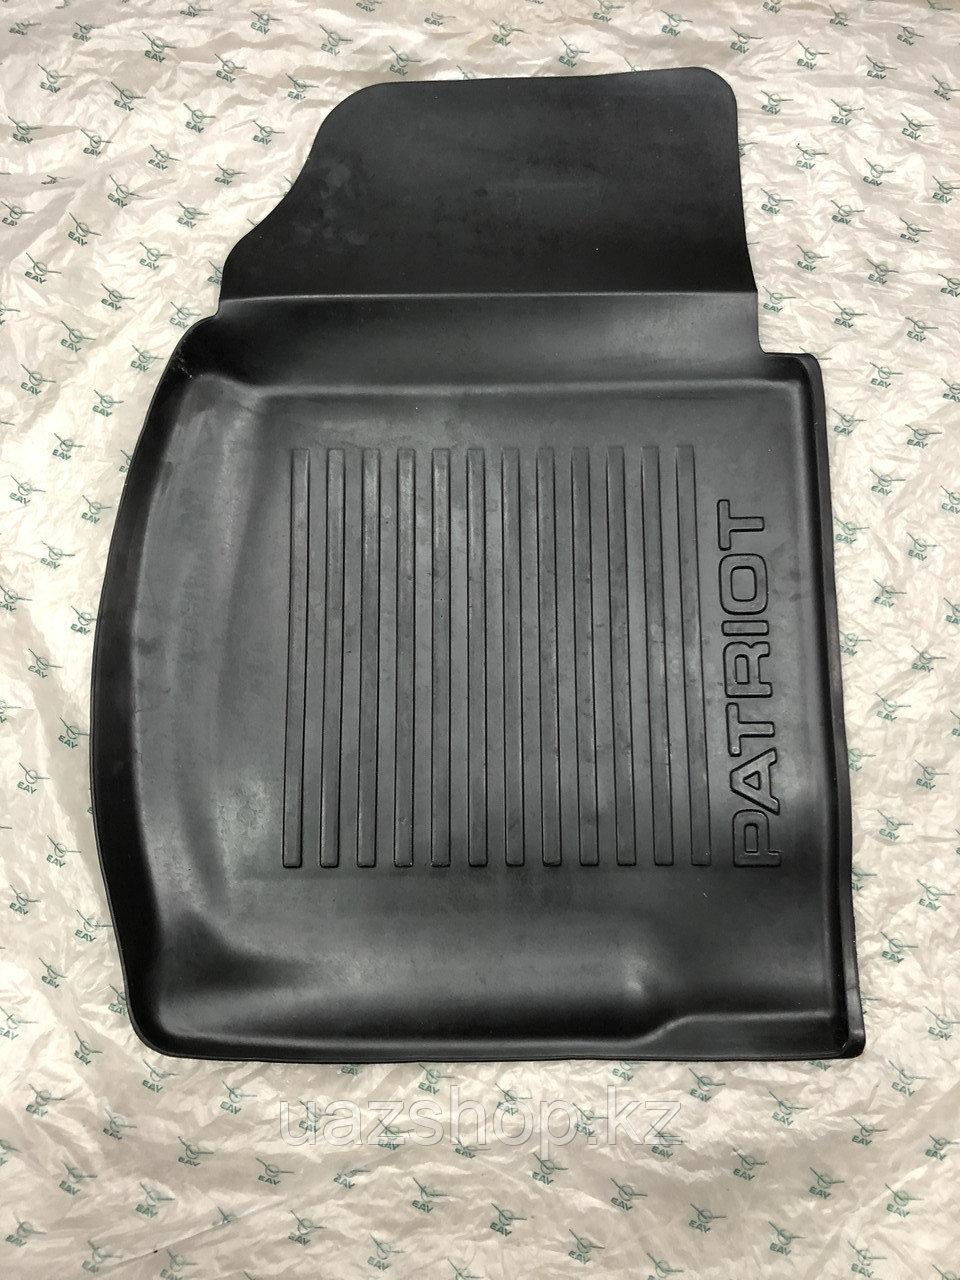 Коврик пола передний правый  (резиновый) УАЗ Патриот до 2014 года выпуска